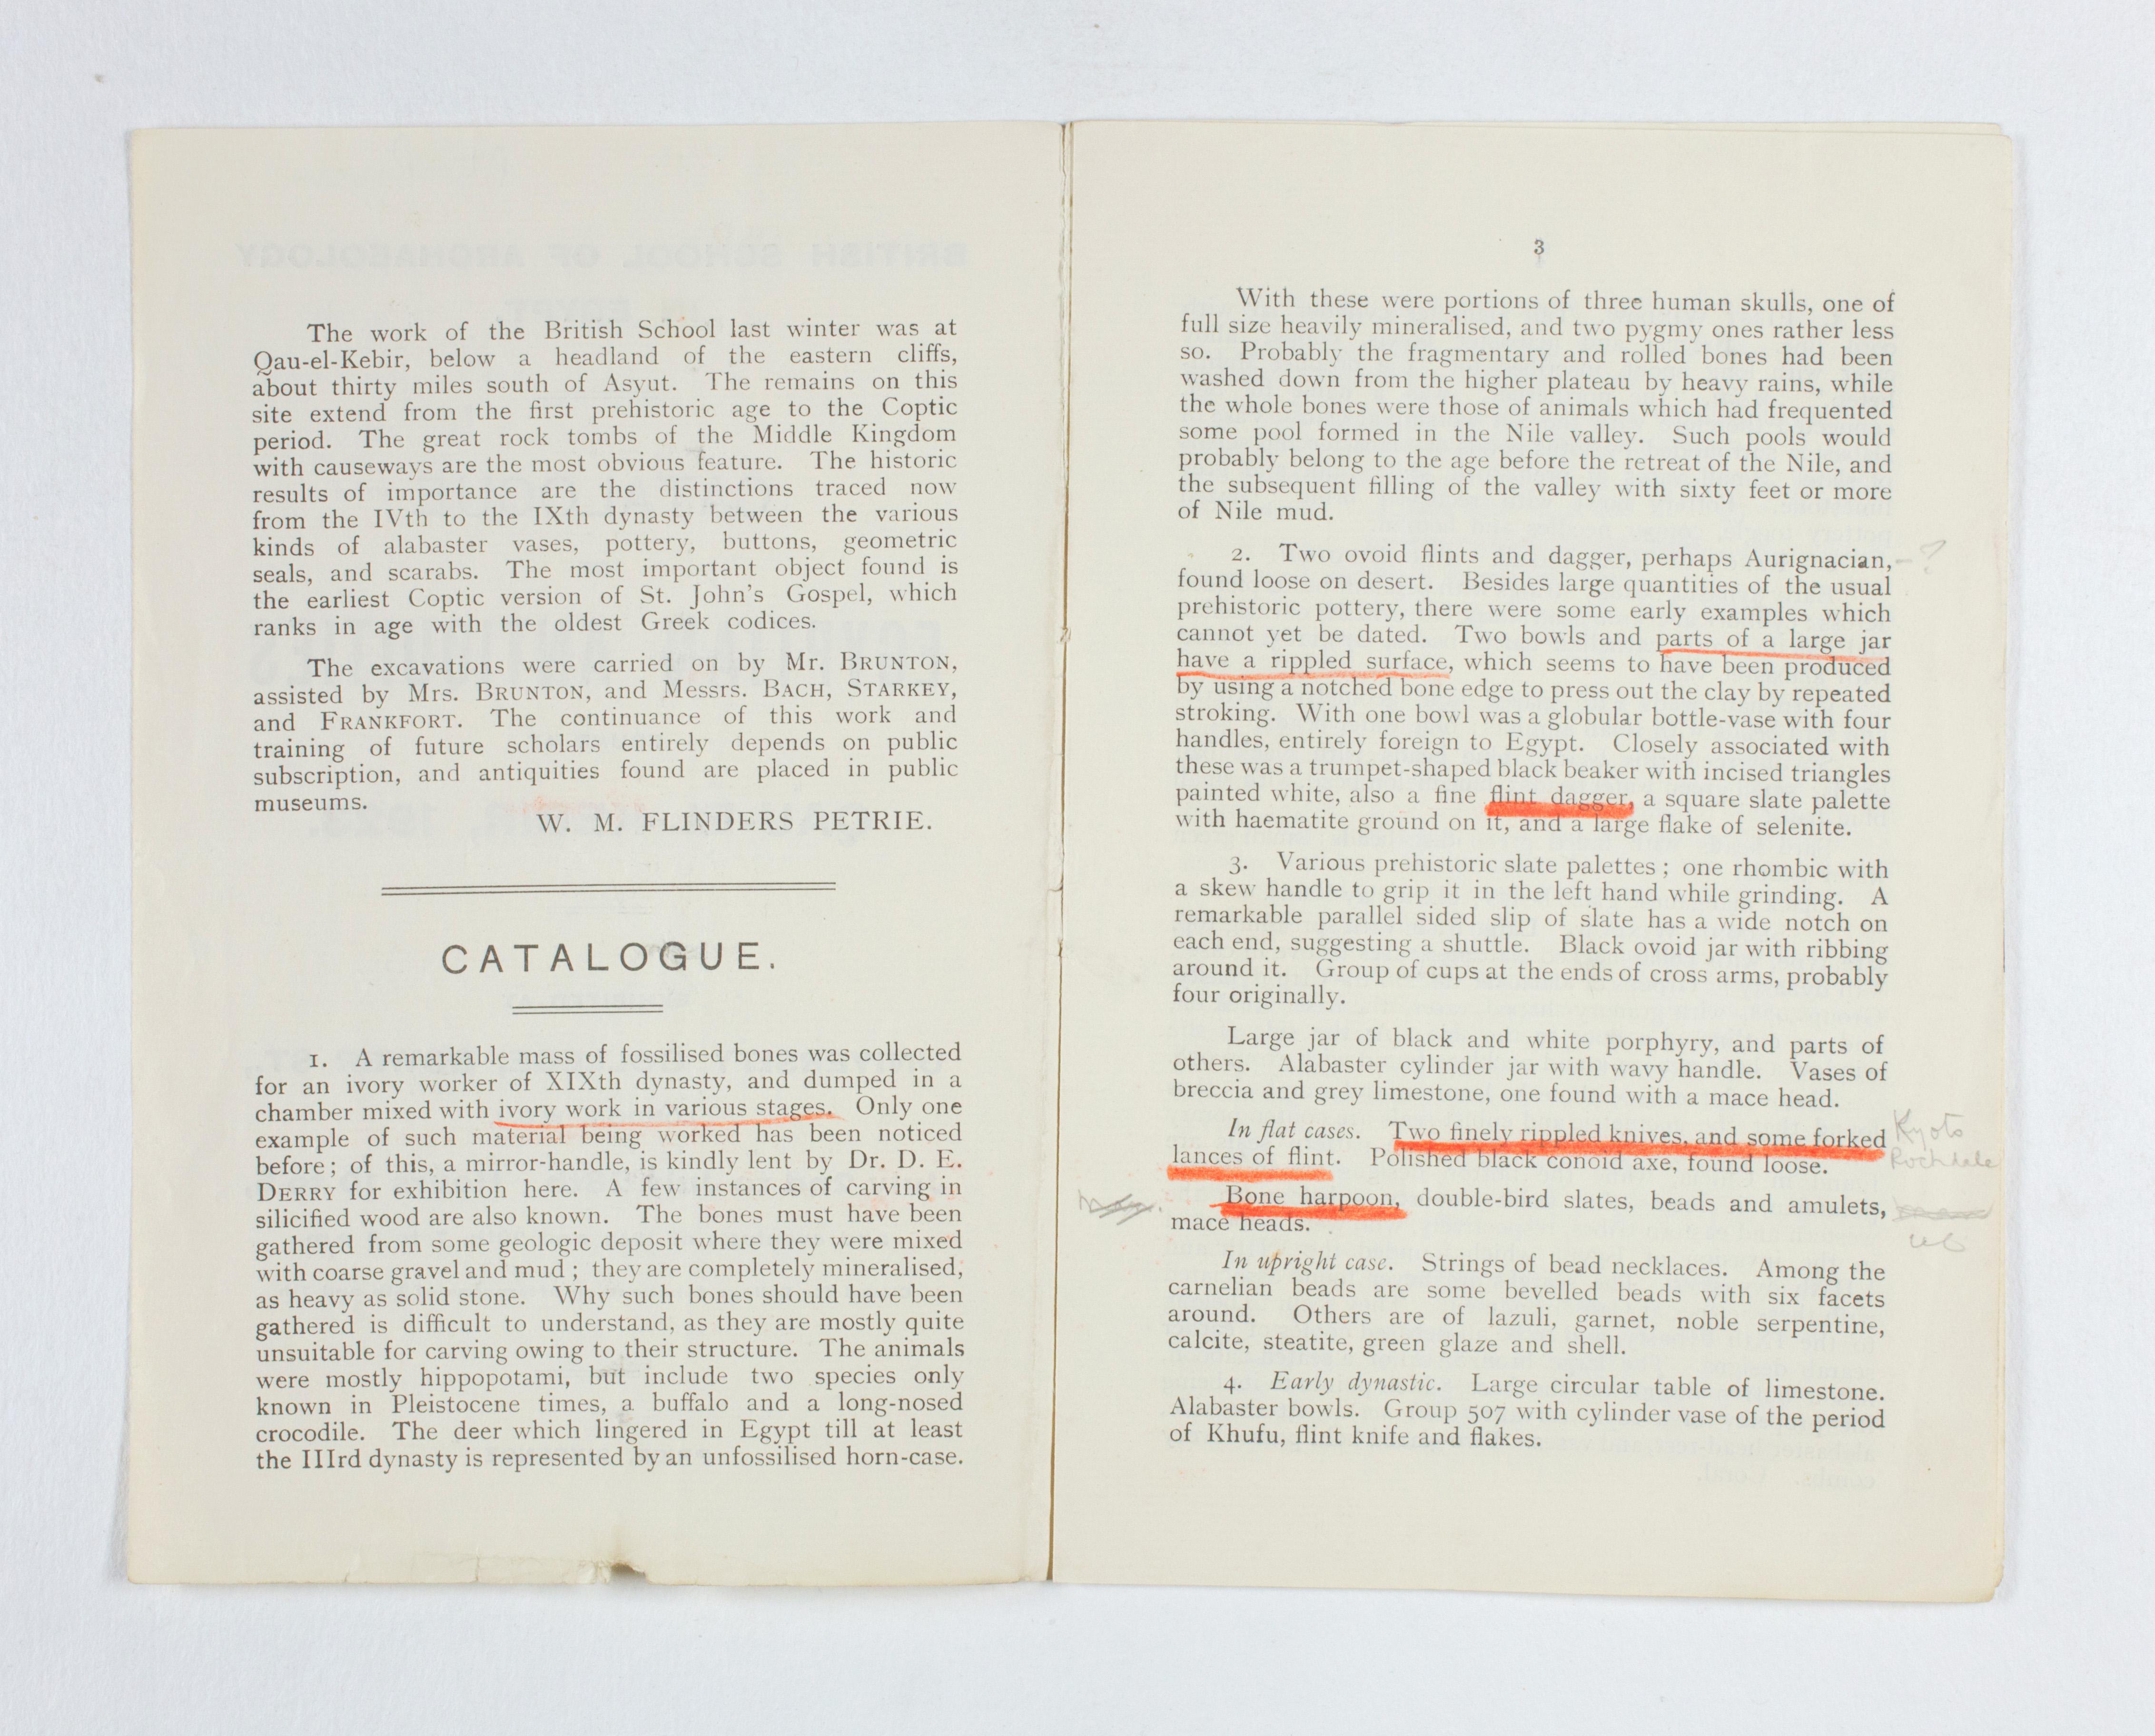 1922-23 Qau el-Kebir Exhibition catalogue PMA/WFP1/D/26/30.4